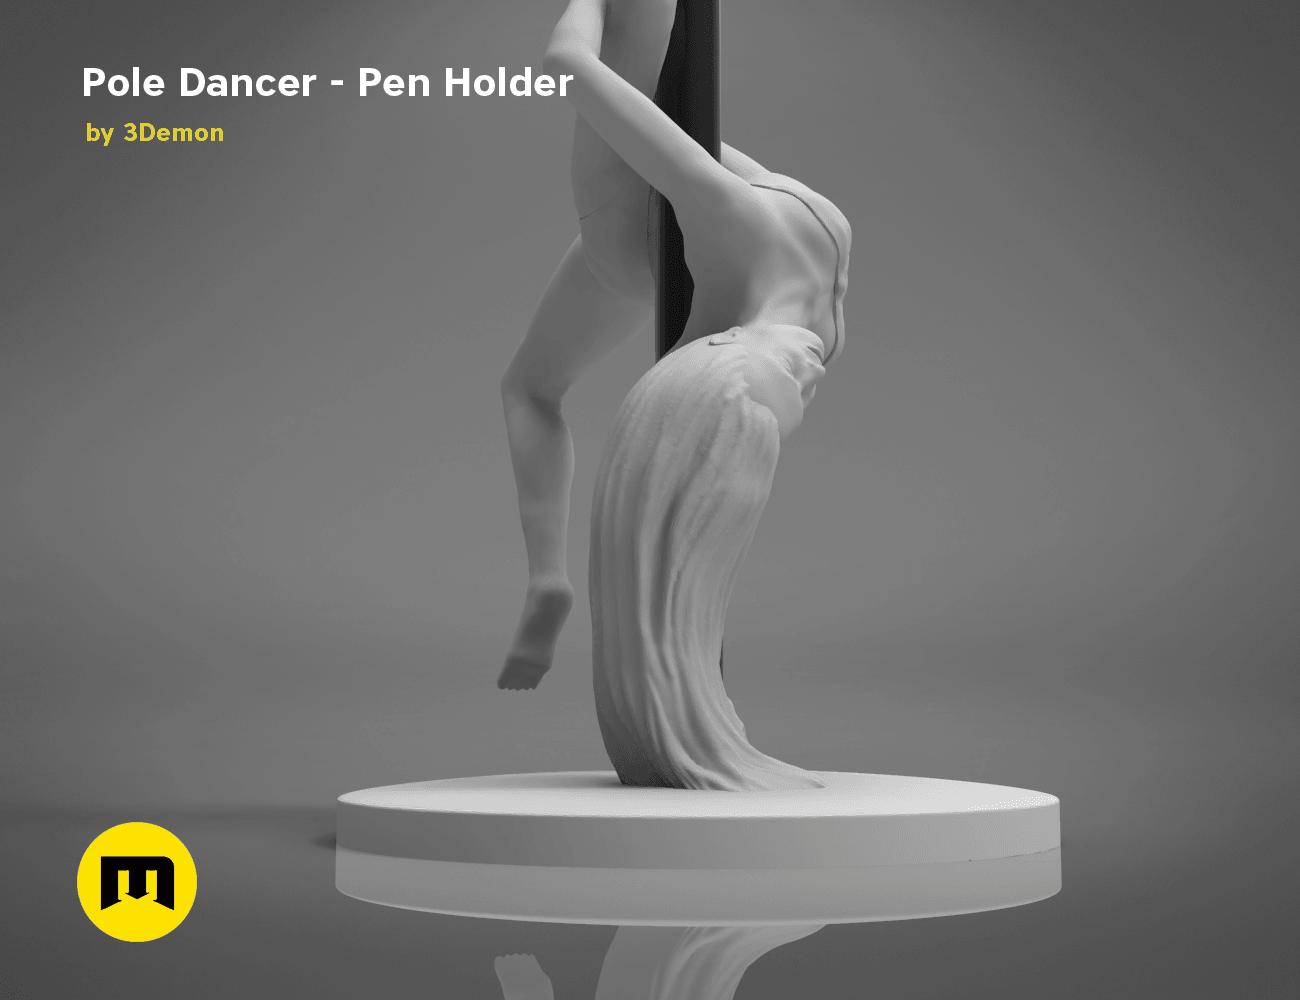 poledancer-bottom.186.png Download STL file Pole Dancer - Pen Holder • Object to 3D print, 3D-mon